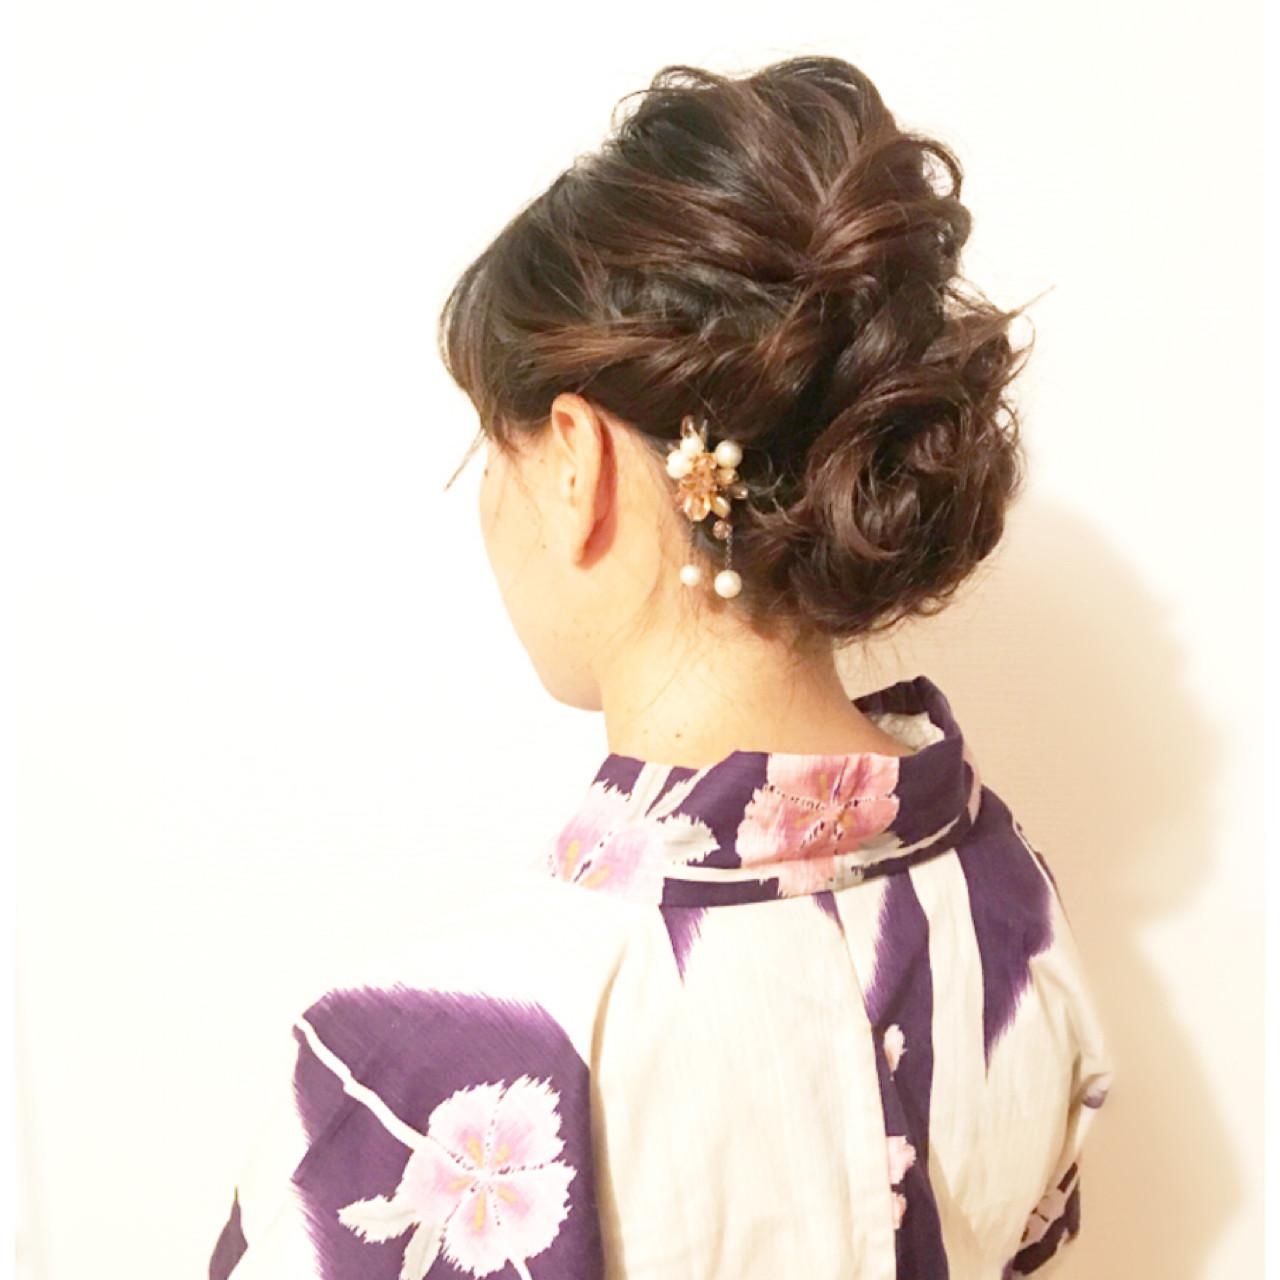 簡単ヘアアレンジ 花火大会 お祭り エレガント ヘアスタイルや髪型の写真・画像